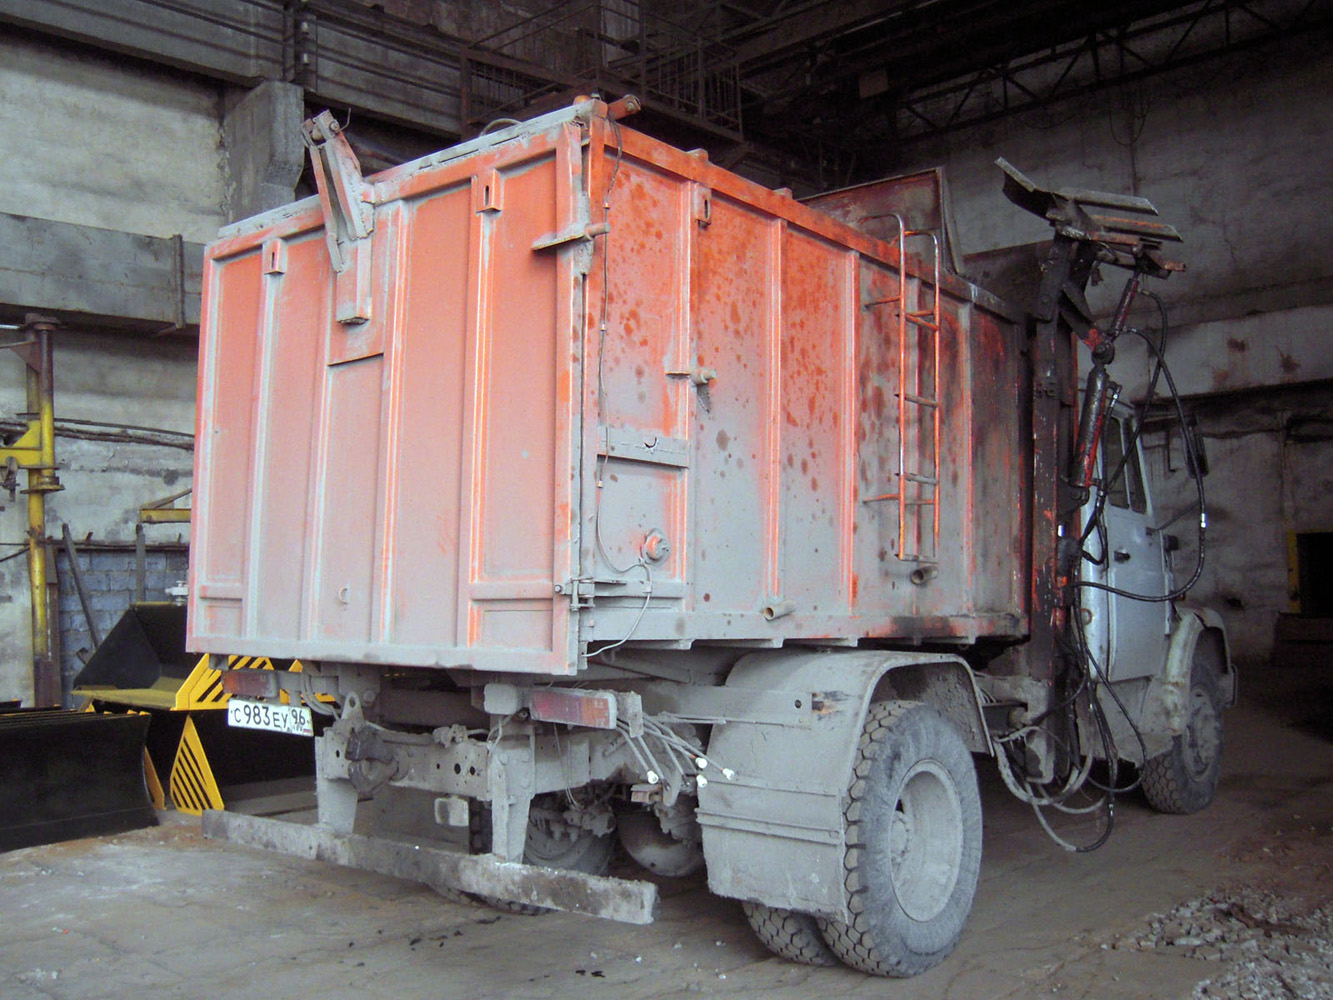 Мусоровоз КО-440-4 на шасси ЗИЛ-433360 #С 983 ЕУ 96 . Свердловская область, Луговской